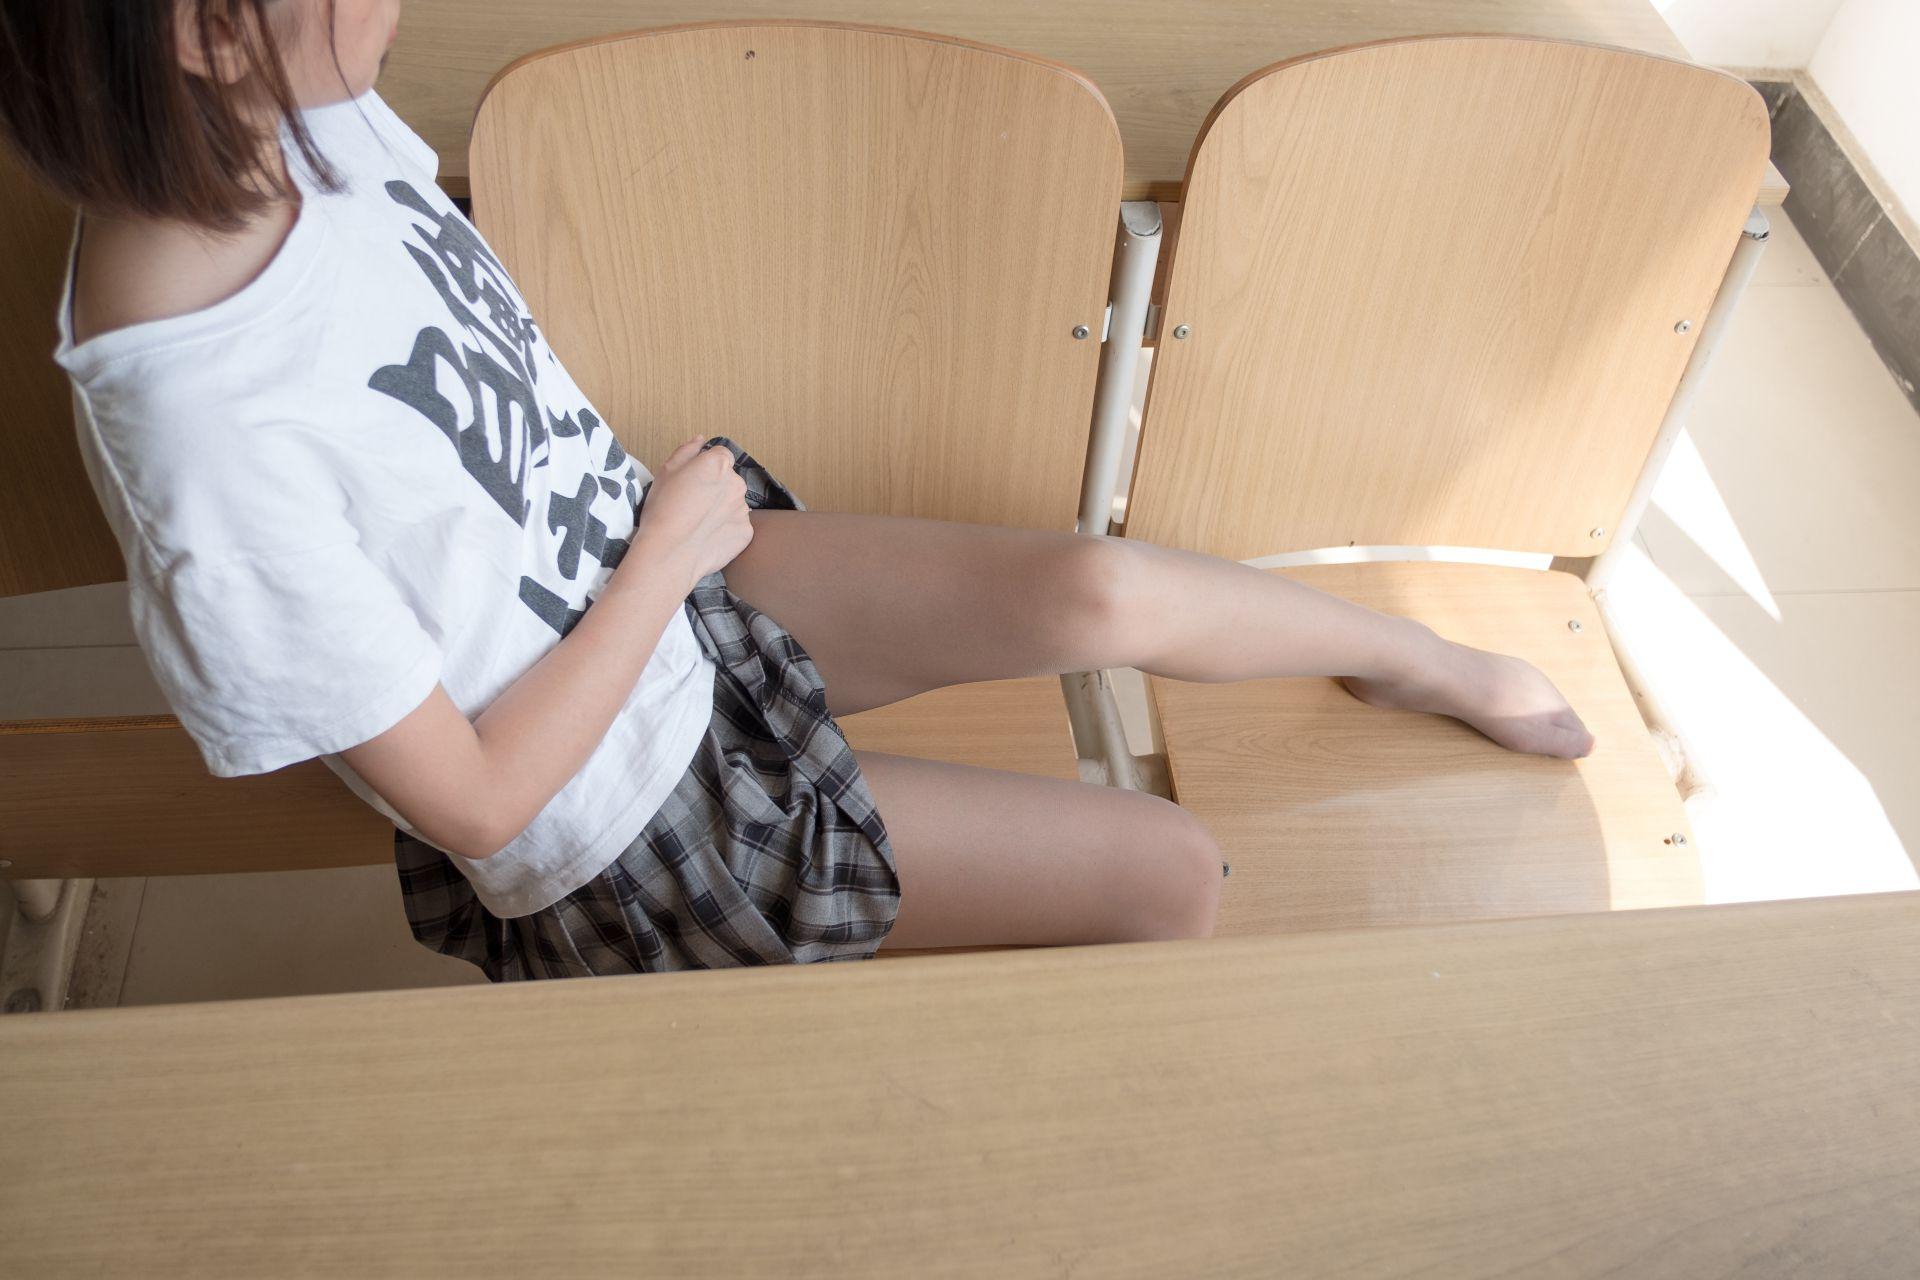 【森萝财团】森萝财团写真 - R15-037 教室灰丝美脚 [120P-702MB] R15系列 第3张